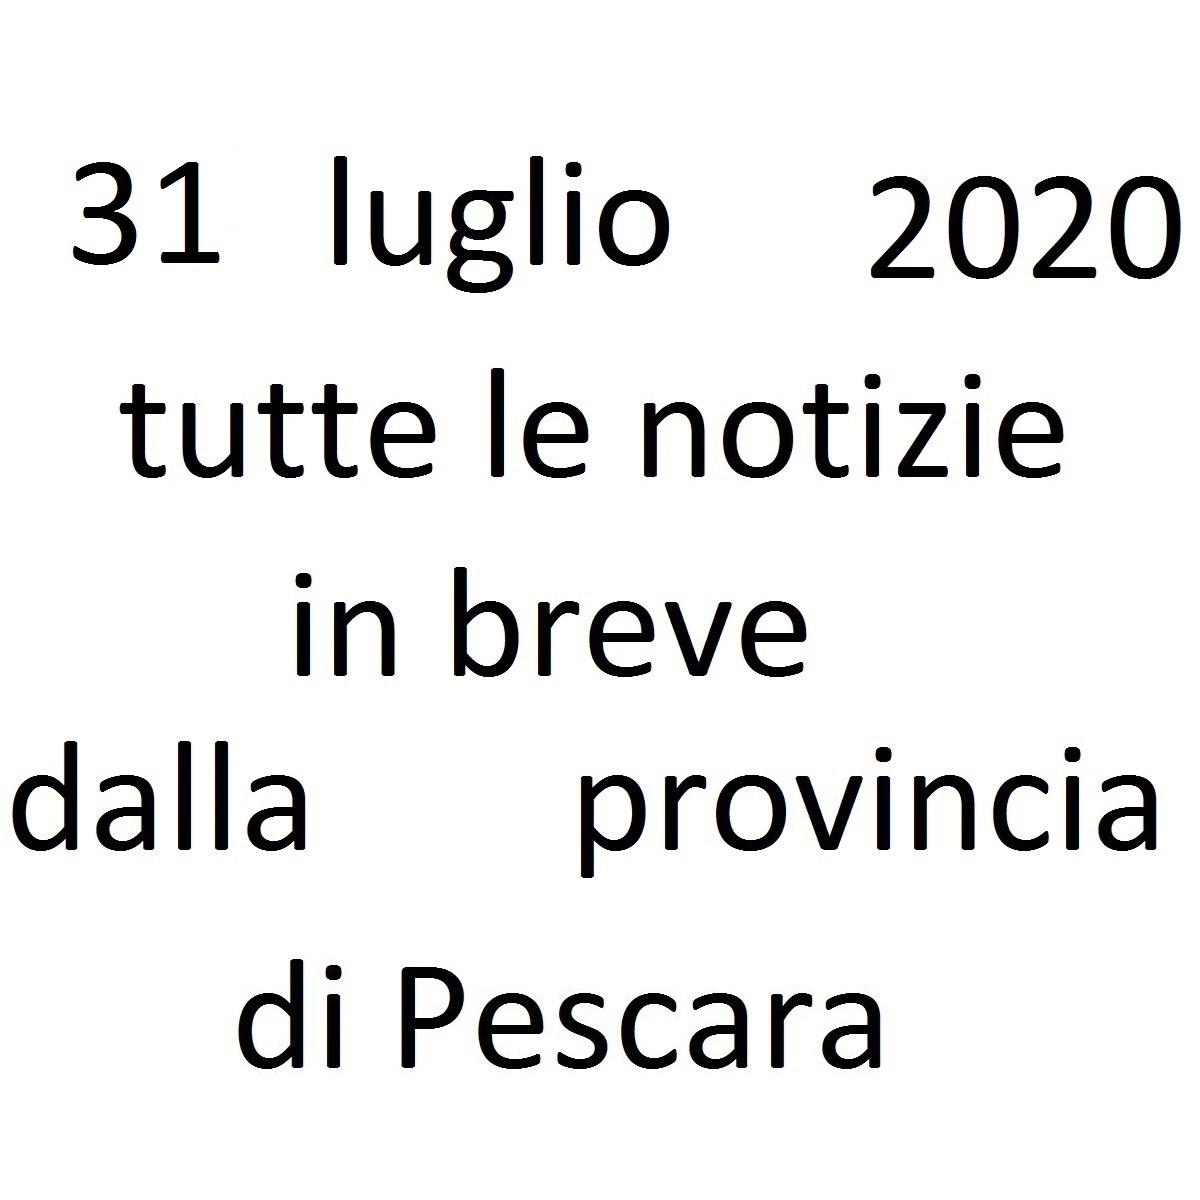 31 luglio 2020 notizie in breve dalla Provincia di Pescara foto